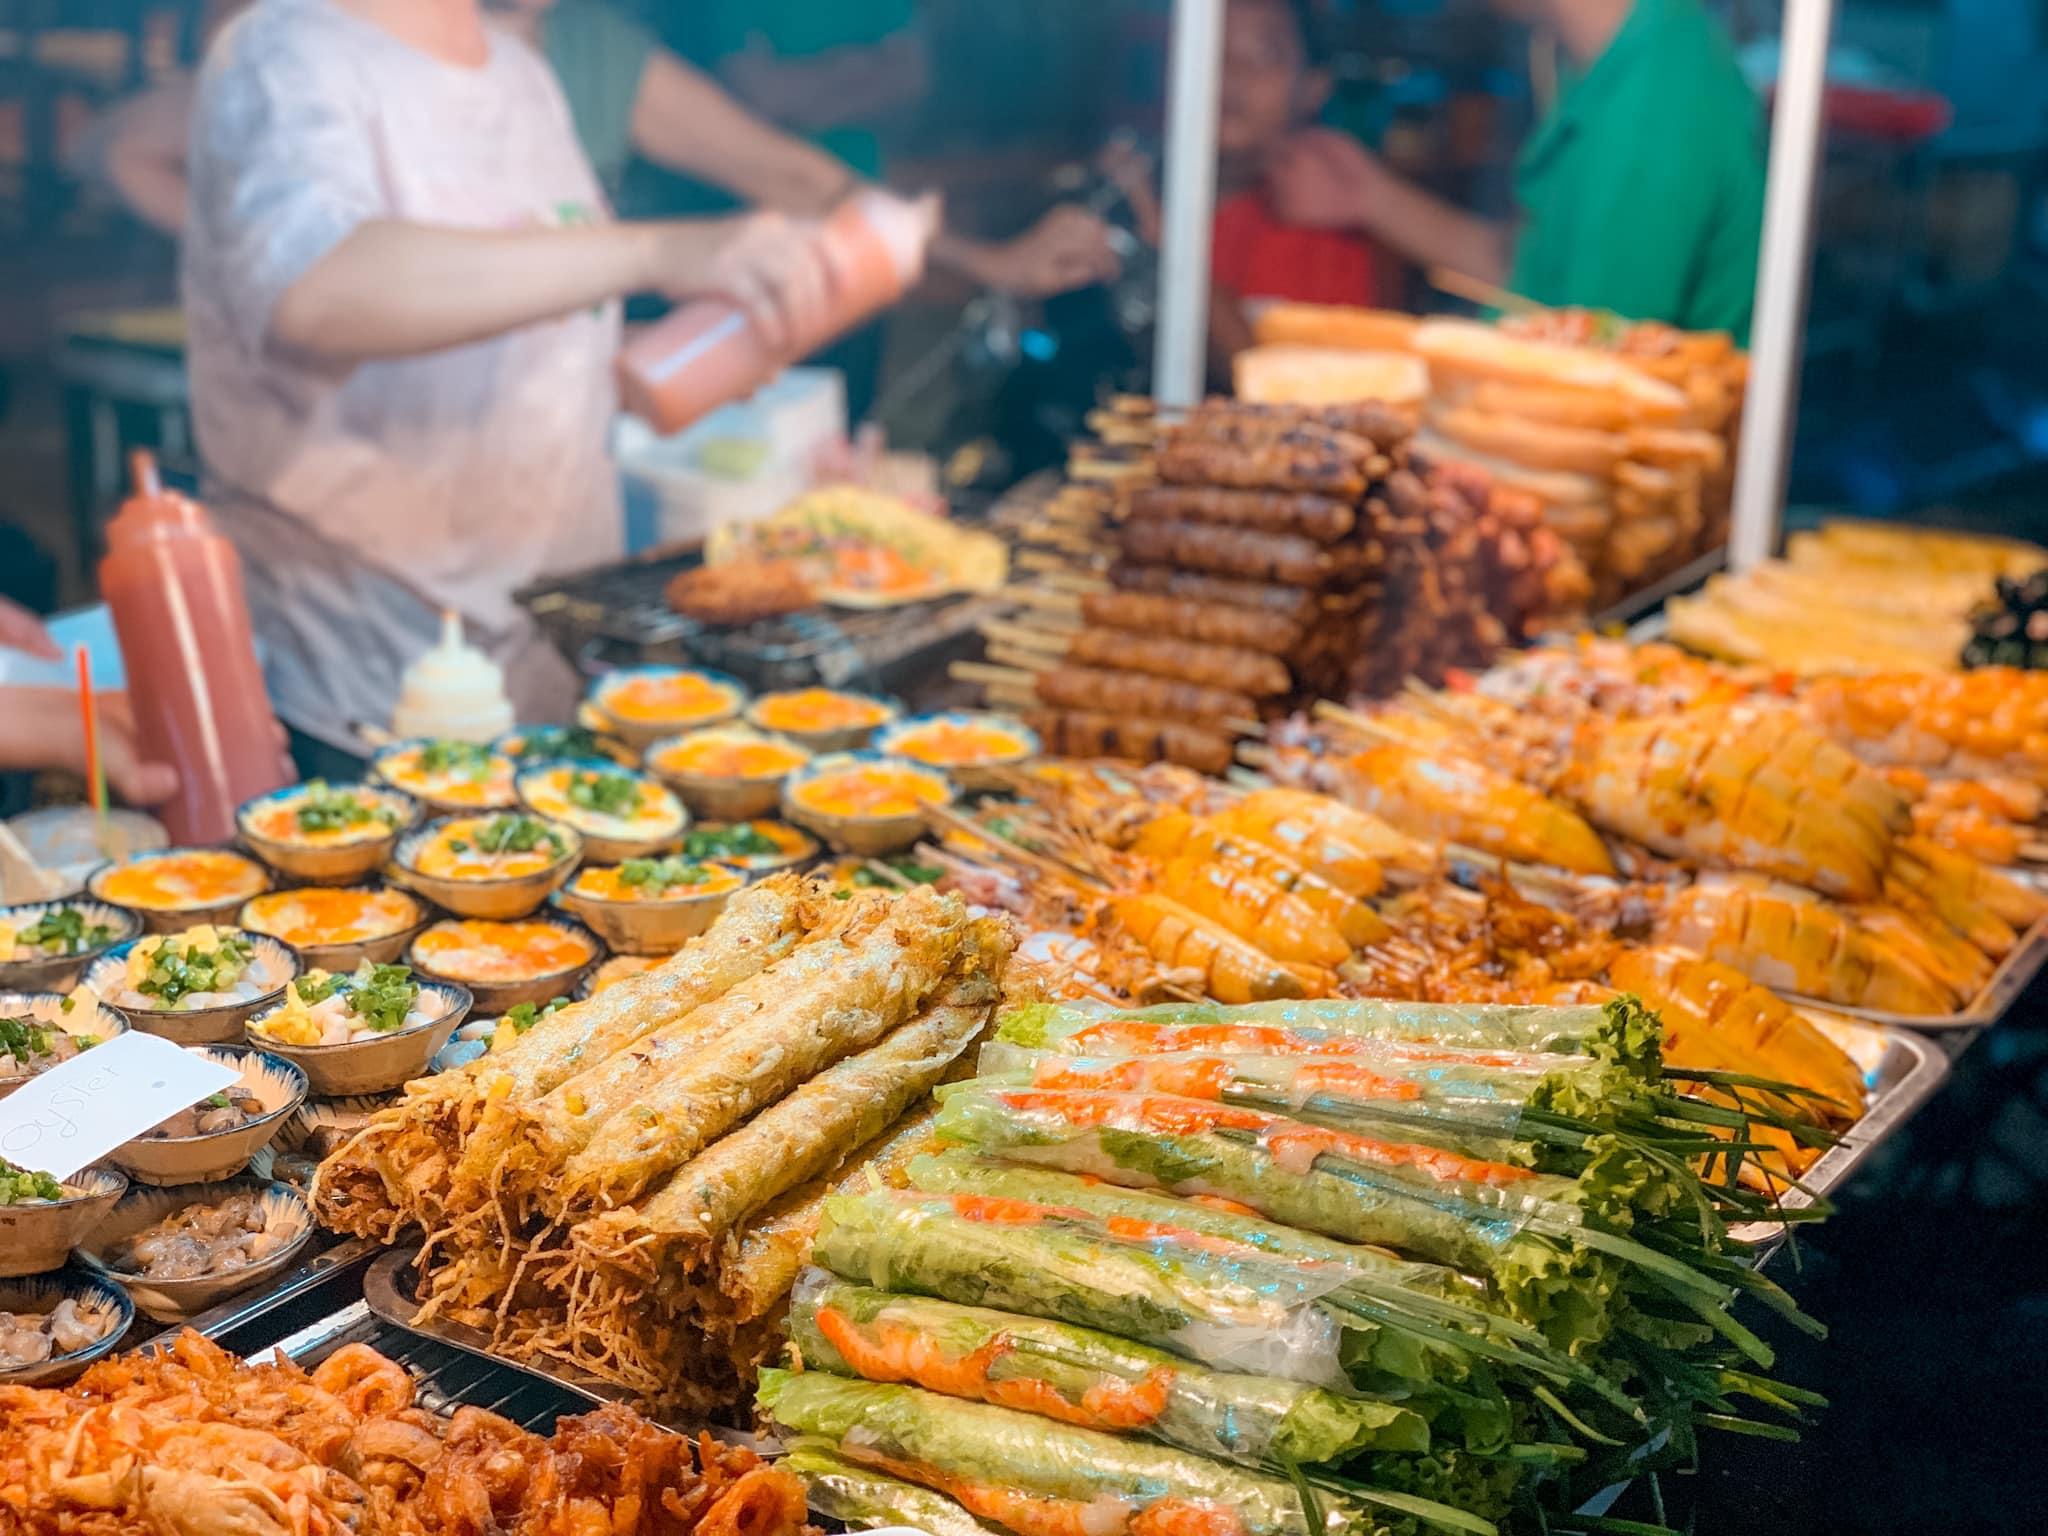 Tour du lịch Phú Quốc từ Hải Phòng: Trải nghiệm thiên đường nghỉ dưỡng số một Việt Nam - Ảnh 15.